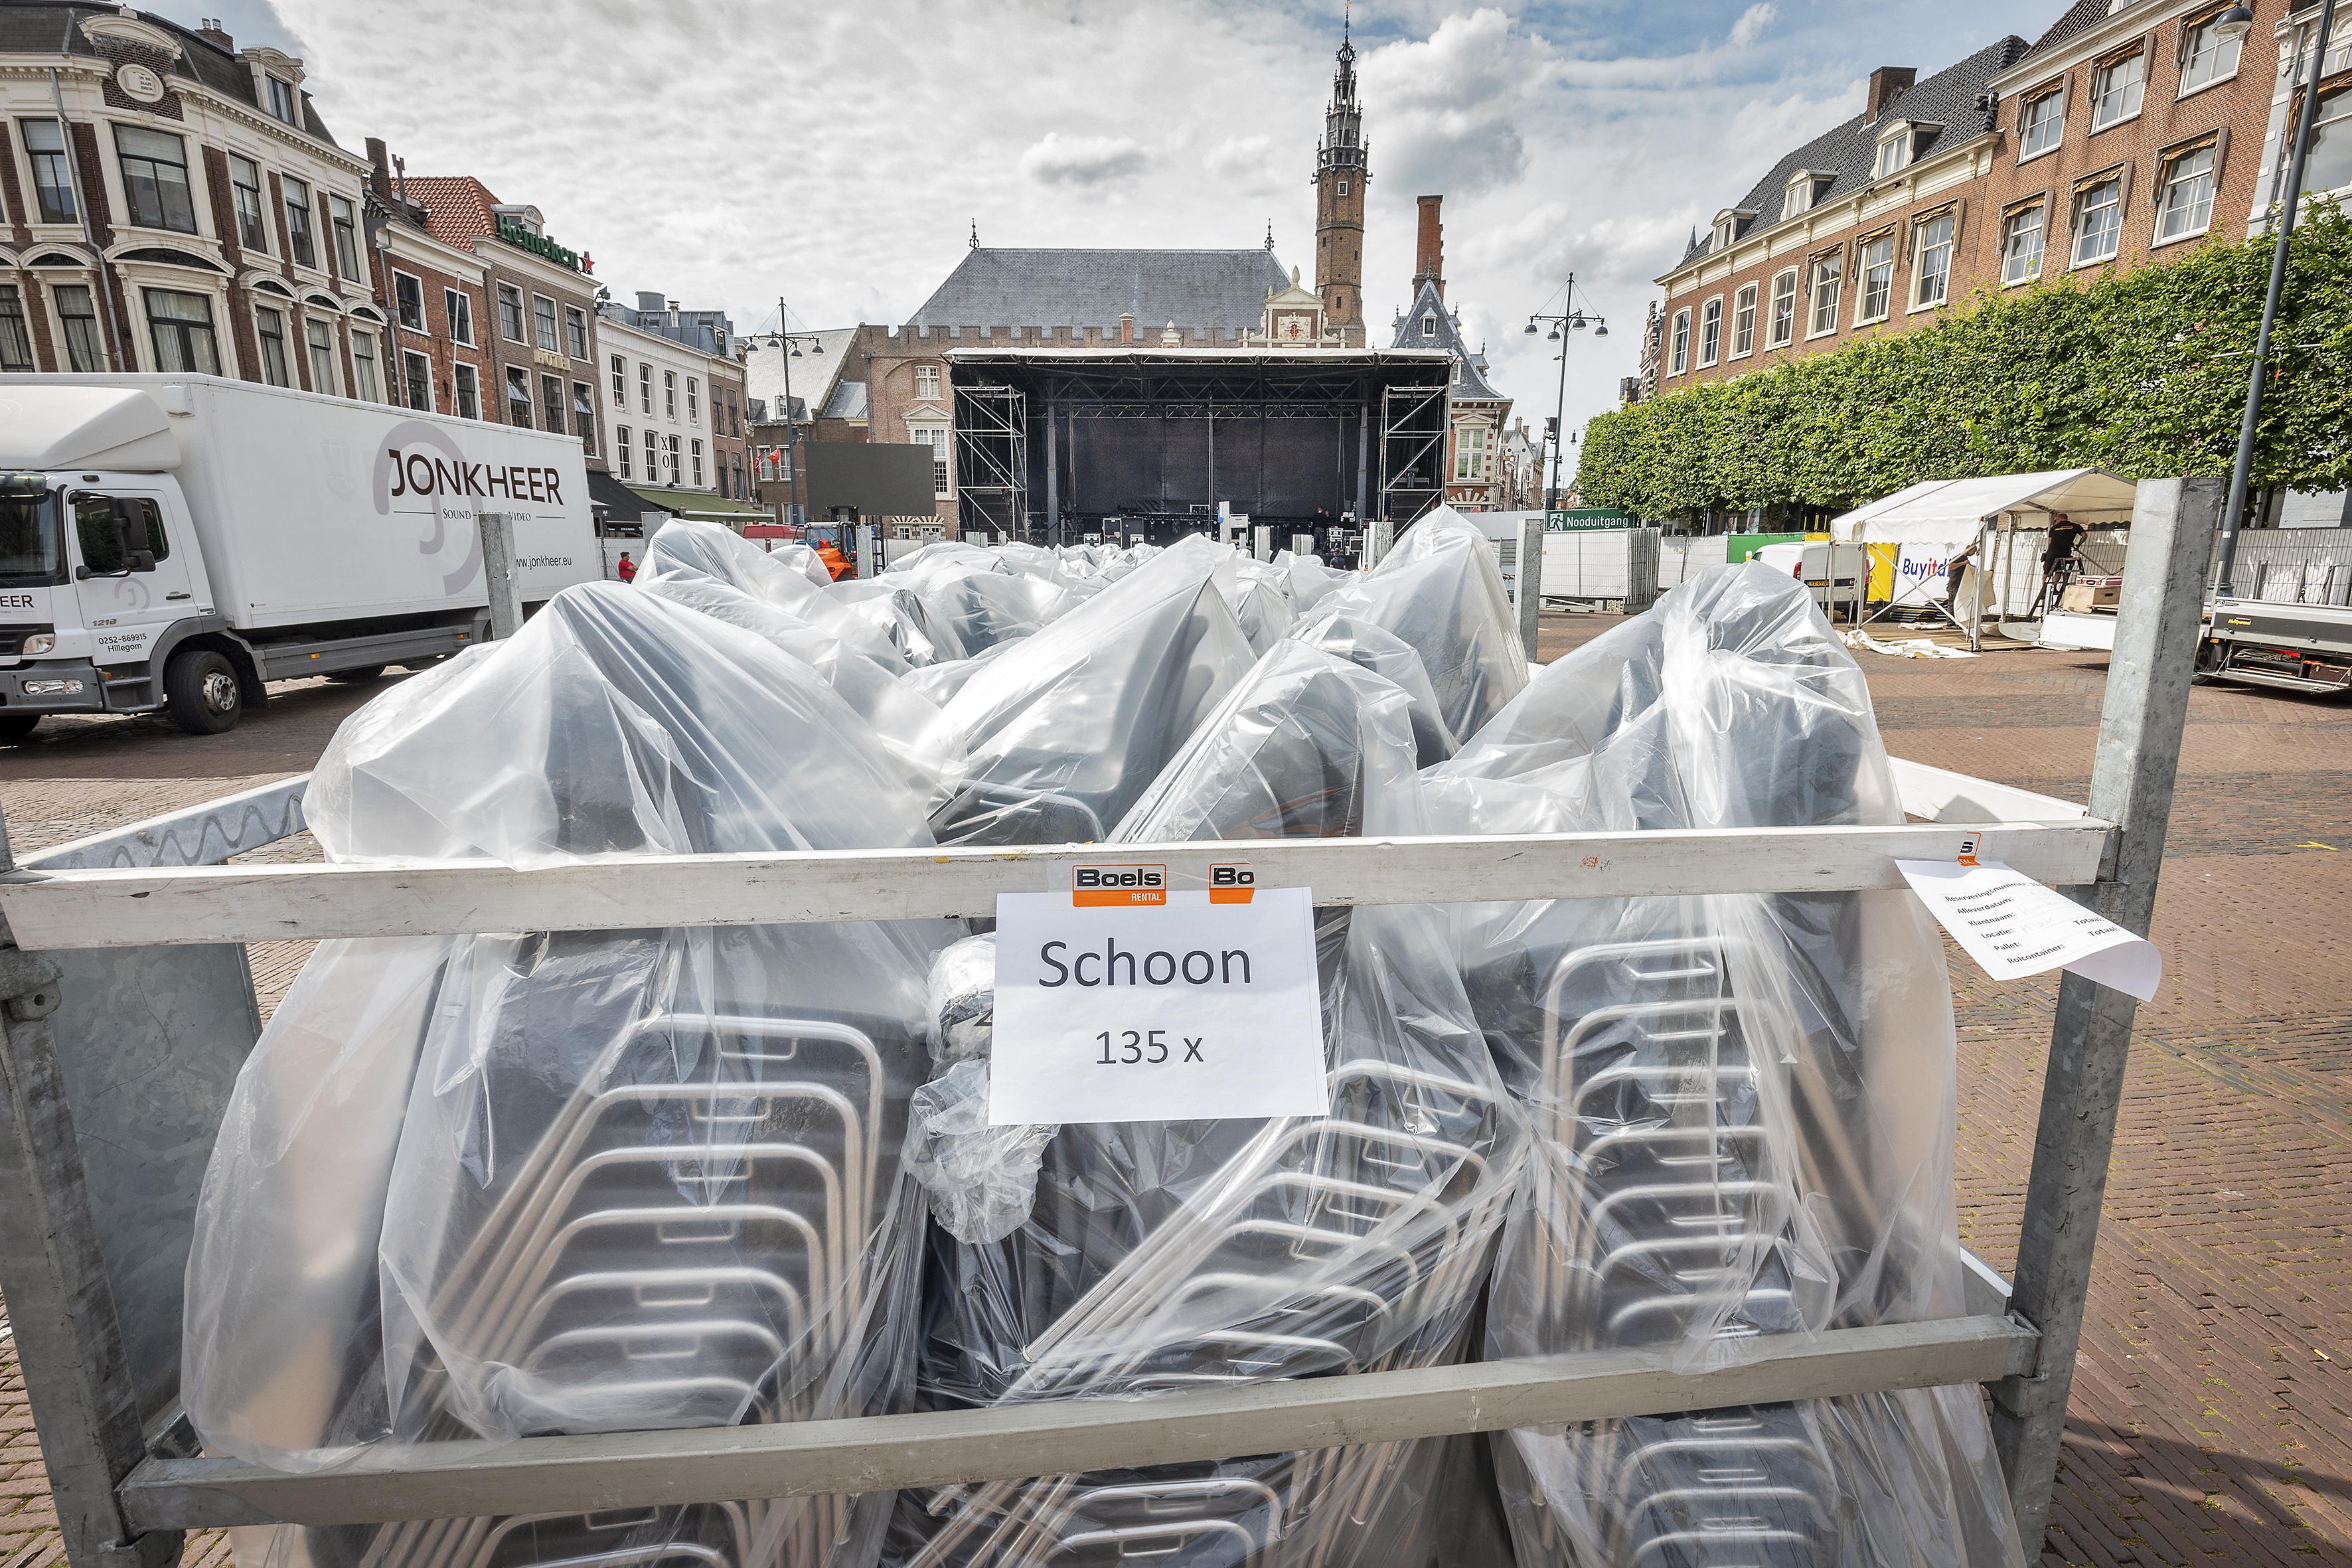 Stoelen staan klaar voor sit-down editie van Haarlem Jazz & More